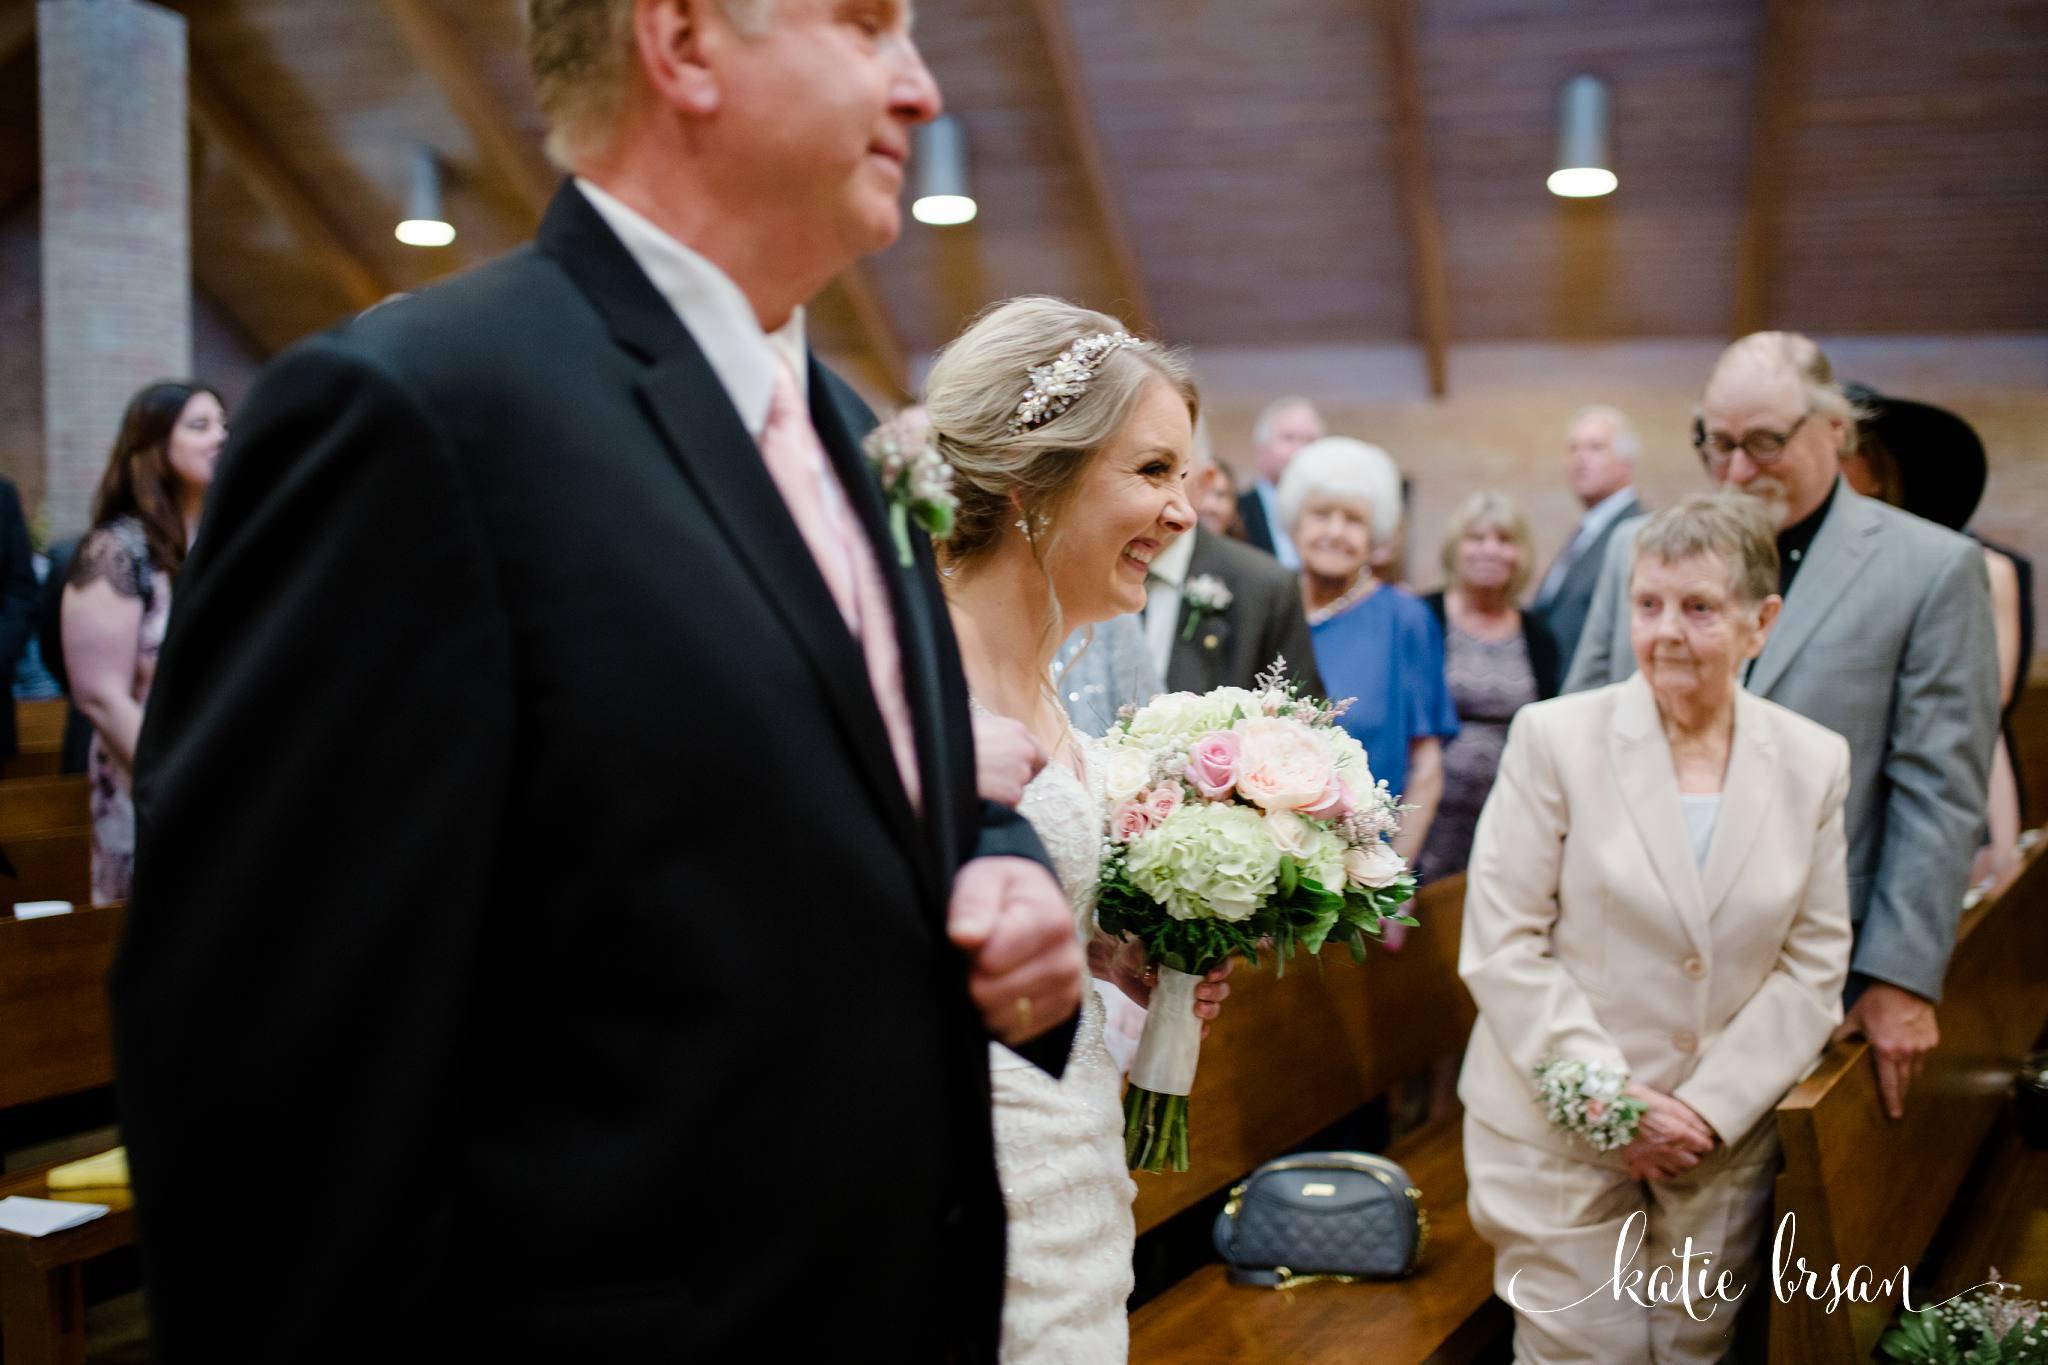 Mokena_Lemont_Wedding_Ruffled_Feathers_Wedding_1362.jpg